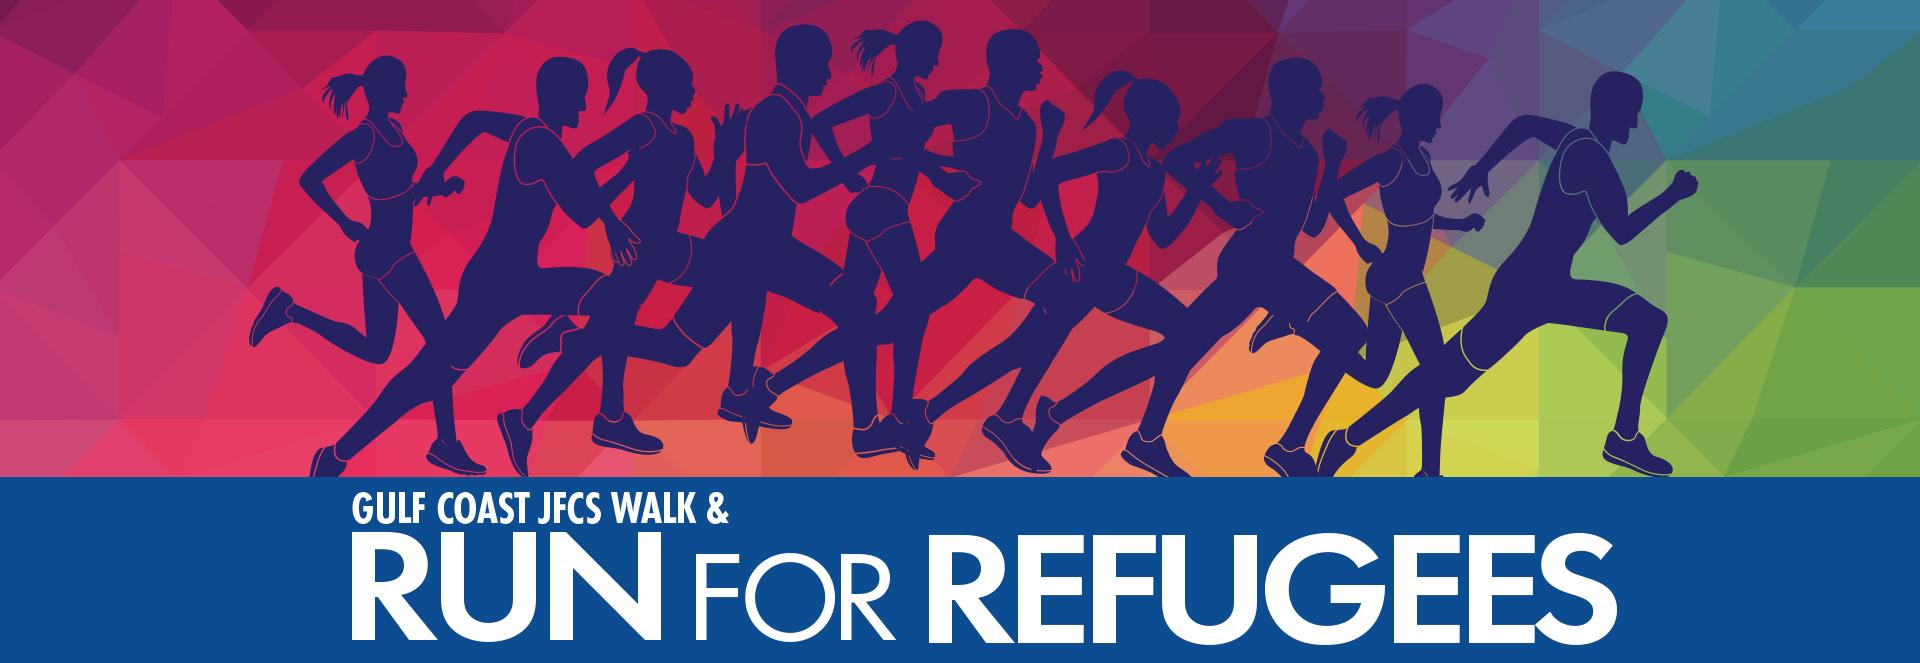 Gulf Coast JFCS Walk & Run for Refugees banner